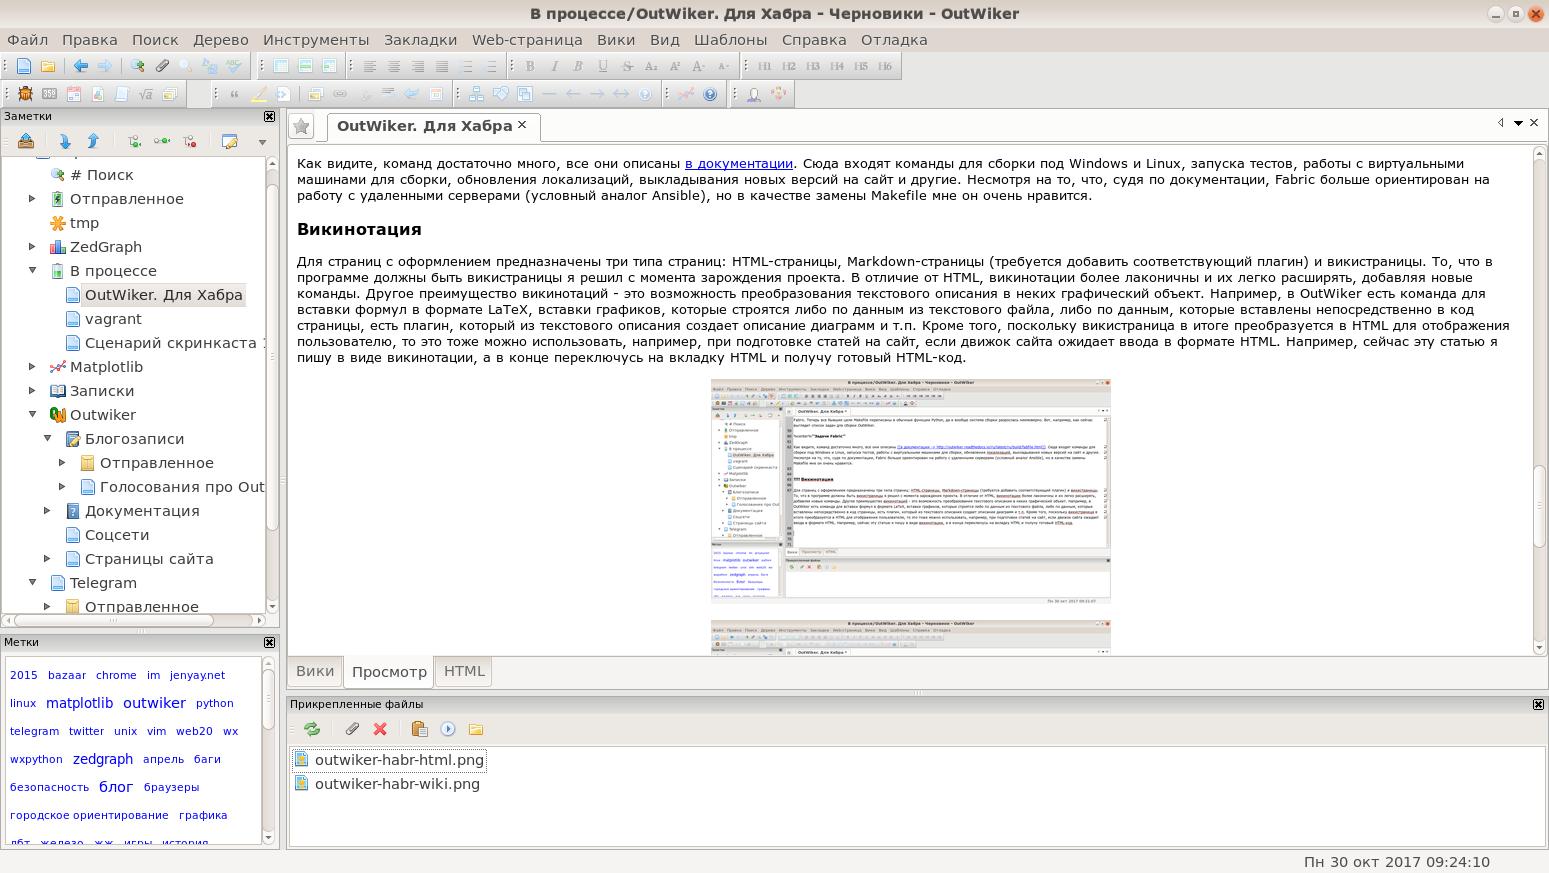 О разработке одного desktop-приложения на Python - 5